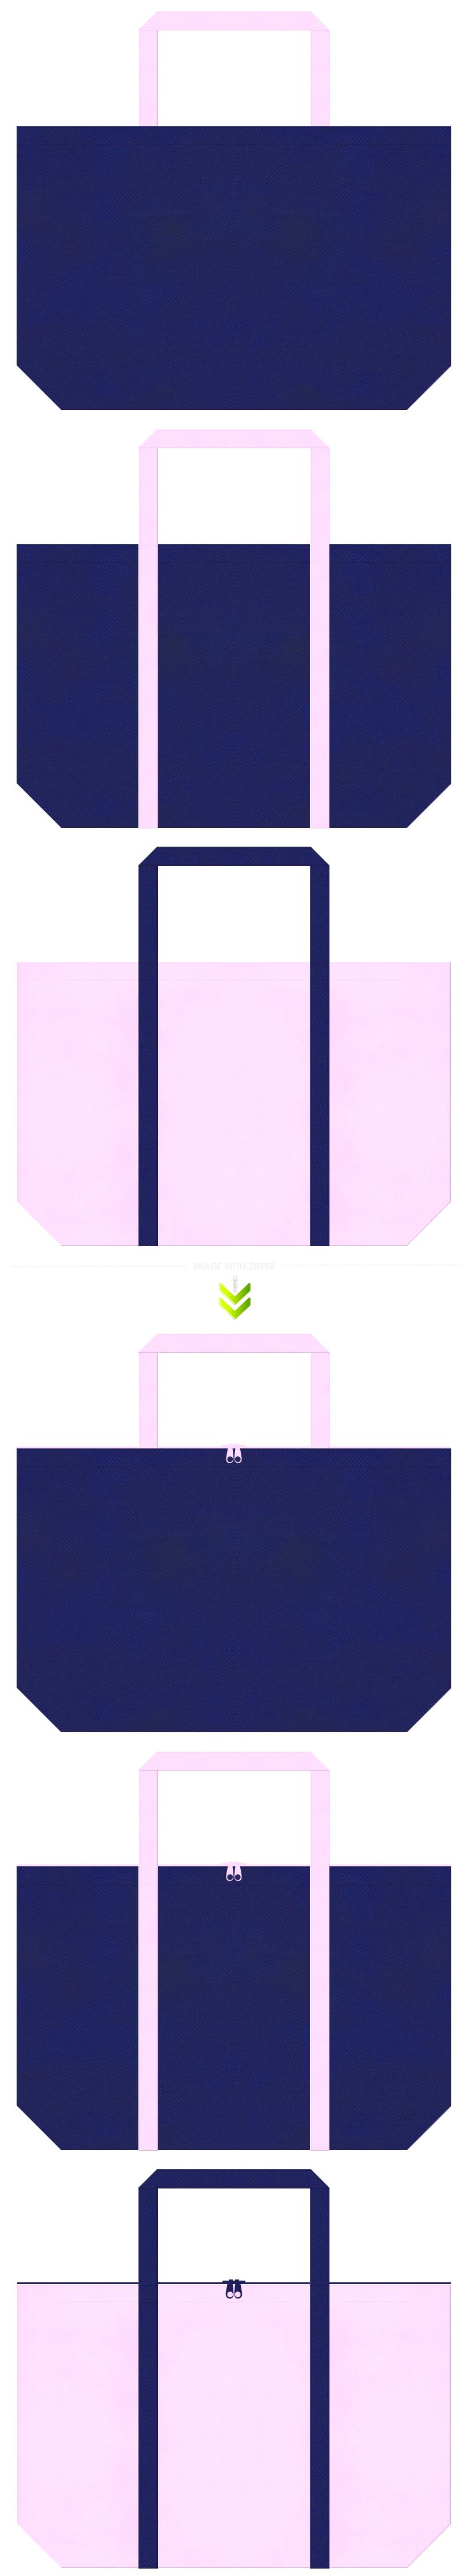 学校・学園・オープンキャンパス・学習塾・レッスンバッグ・夏浴衣のショッピングバッグにお奨めの不織布バッグデザイン:明るい紺色と明るいピンク色のコーデ